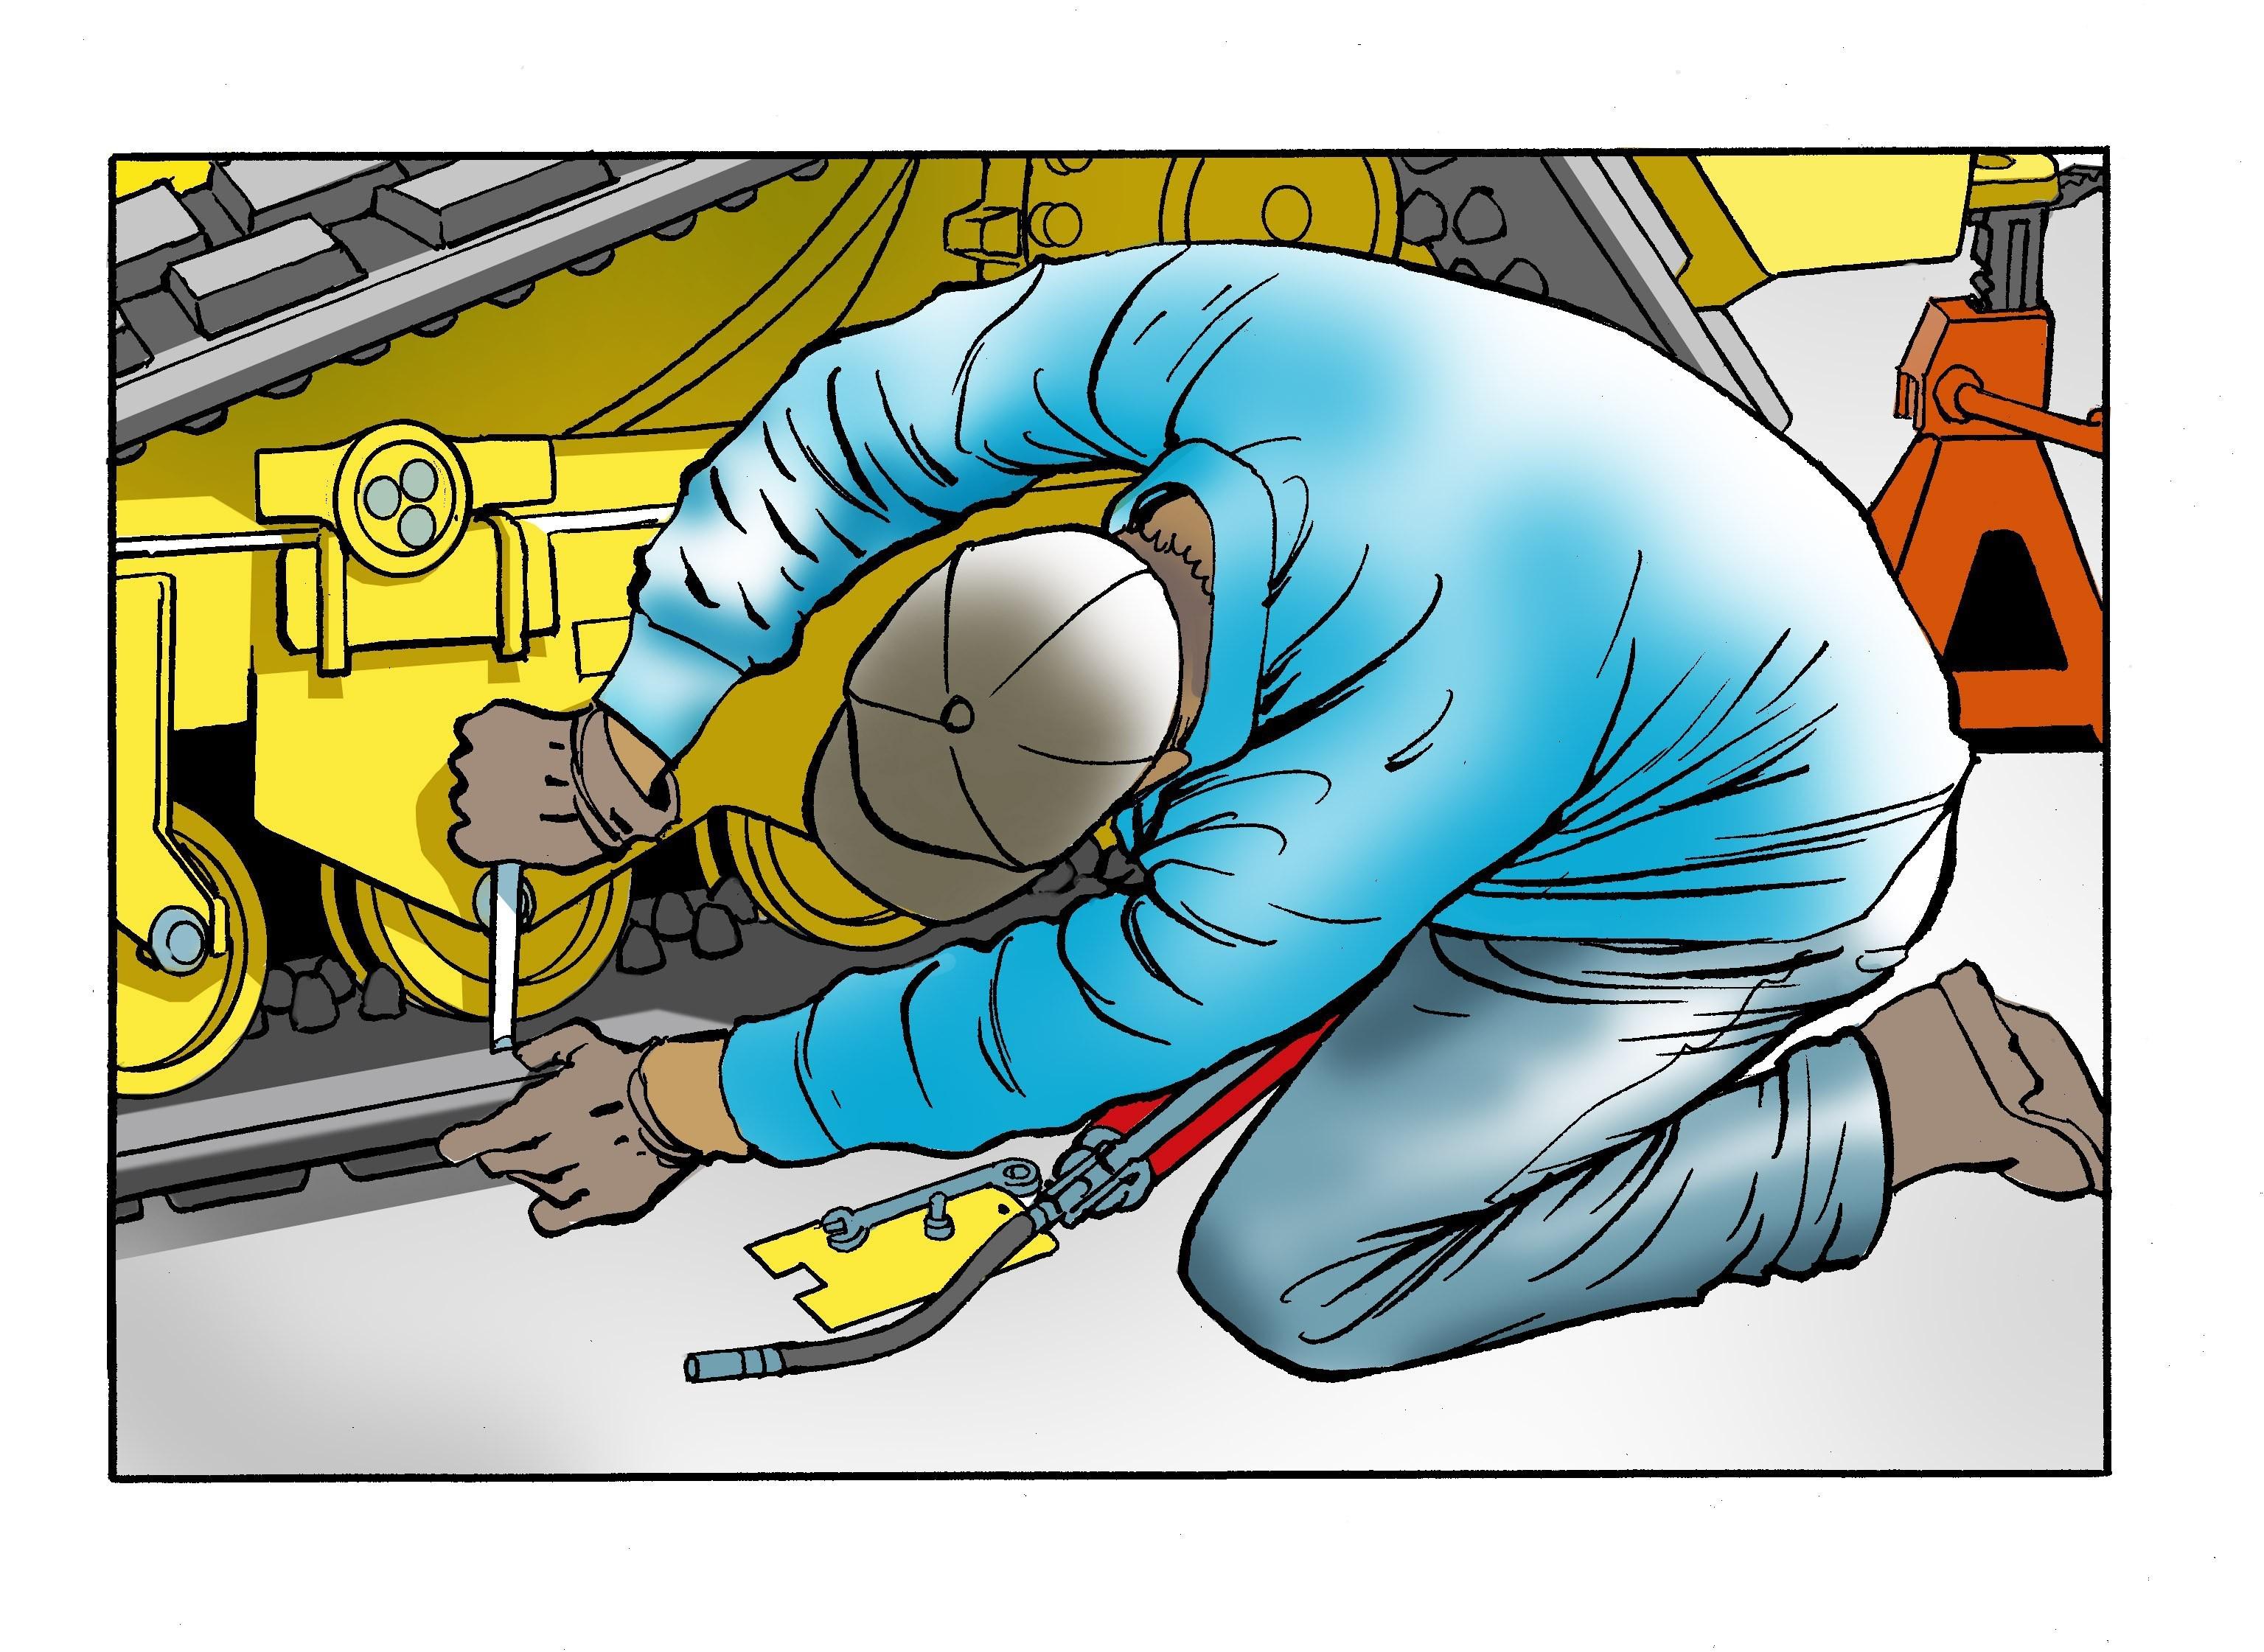 measuring track sag on compact track loader